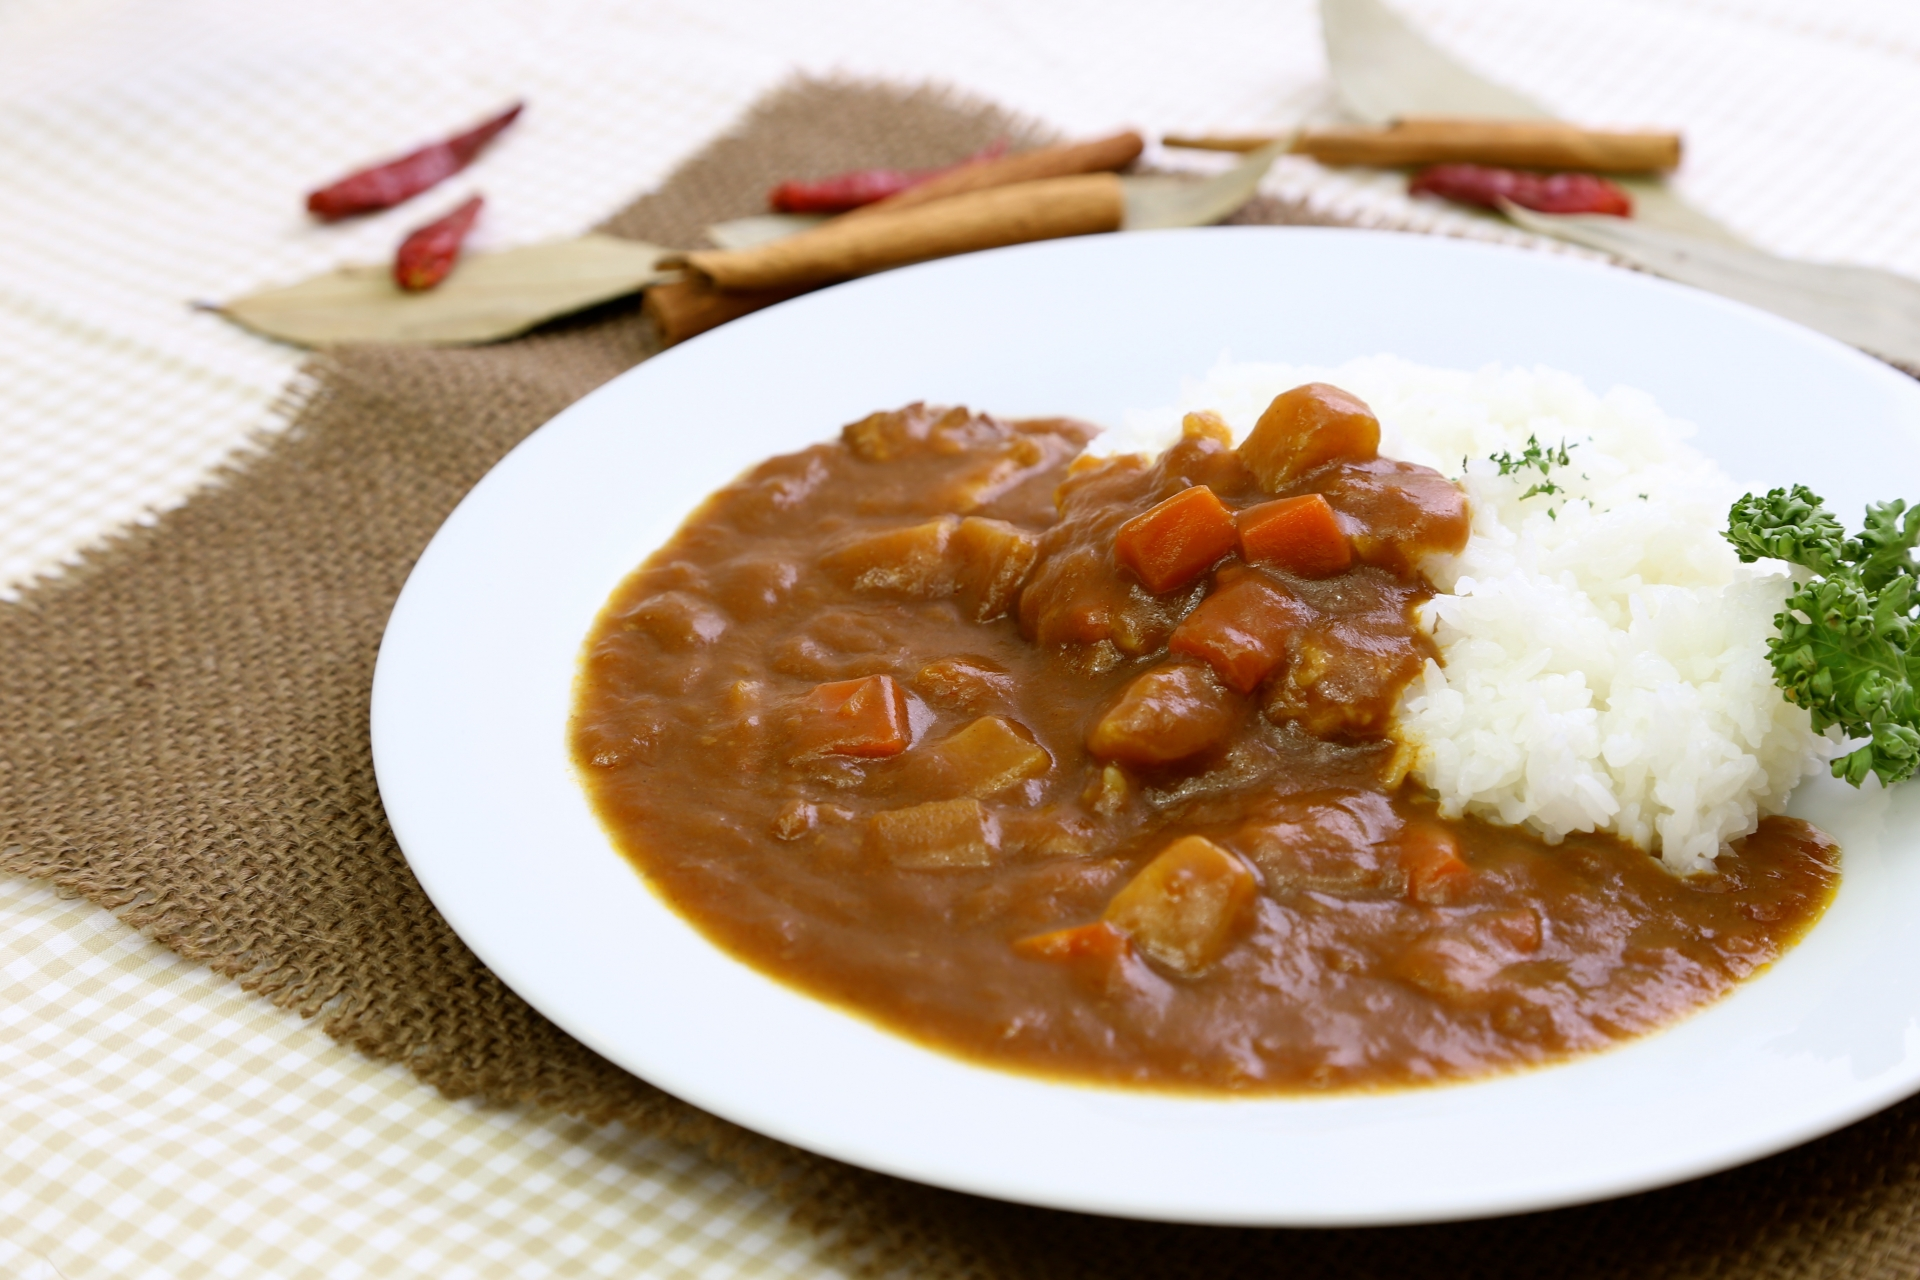 カレー・パスタ皿のおすすめ3選【食卓をおしゃれに♡】